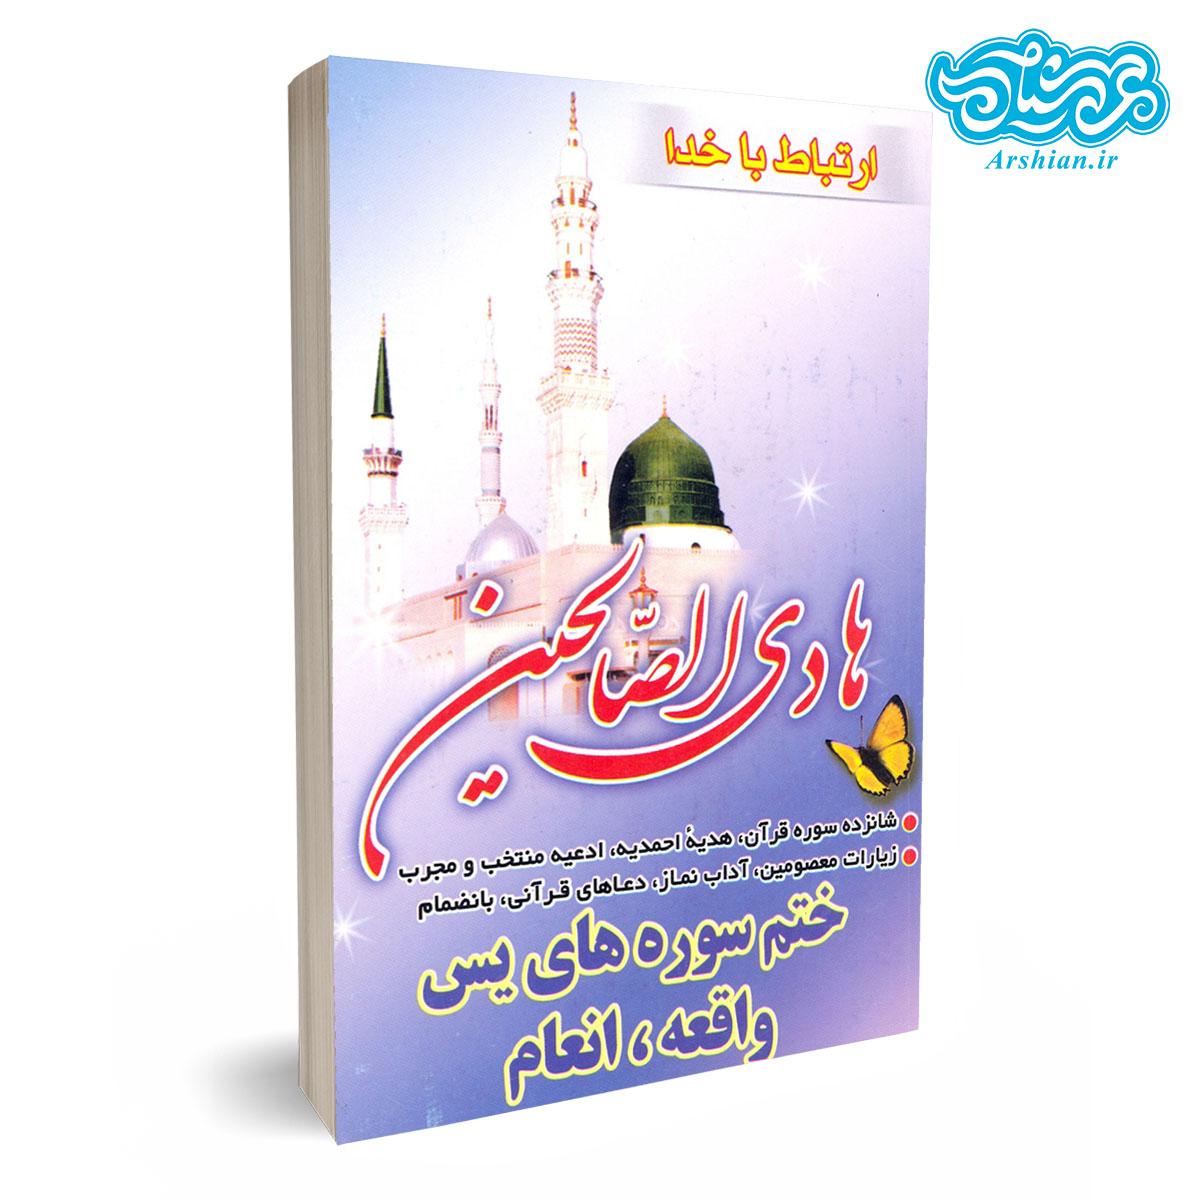 کتاب هادی الصالحین _ ارتباط باخدا